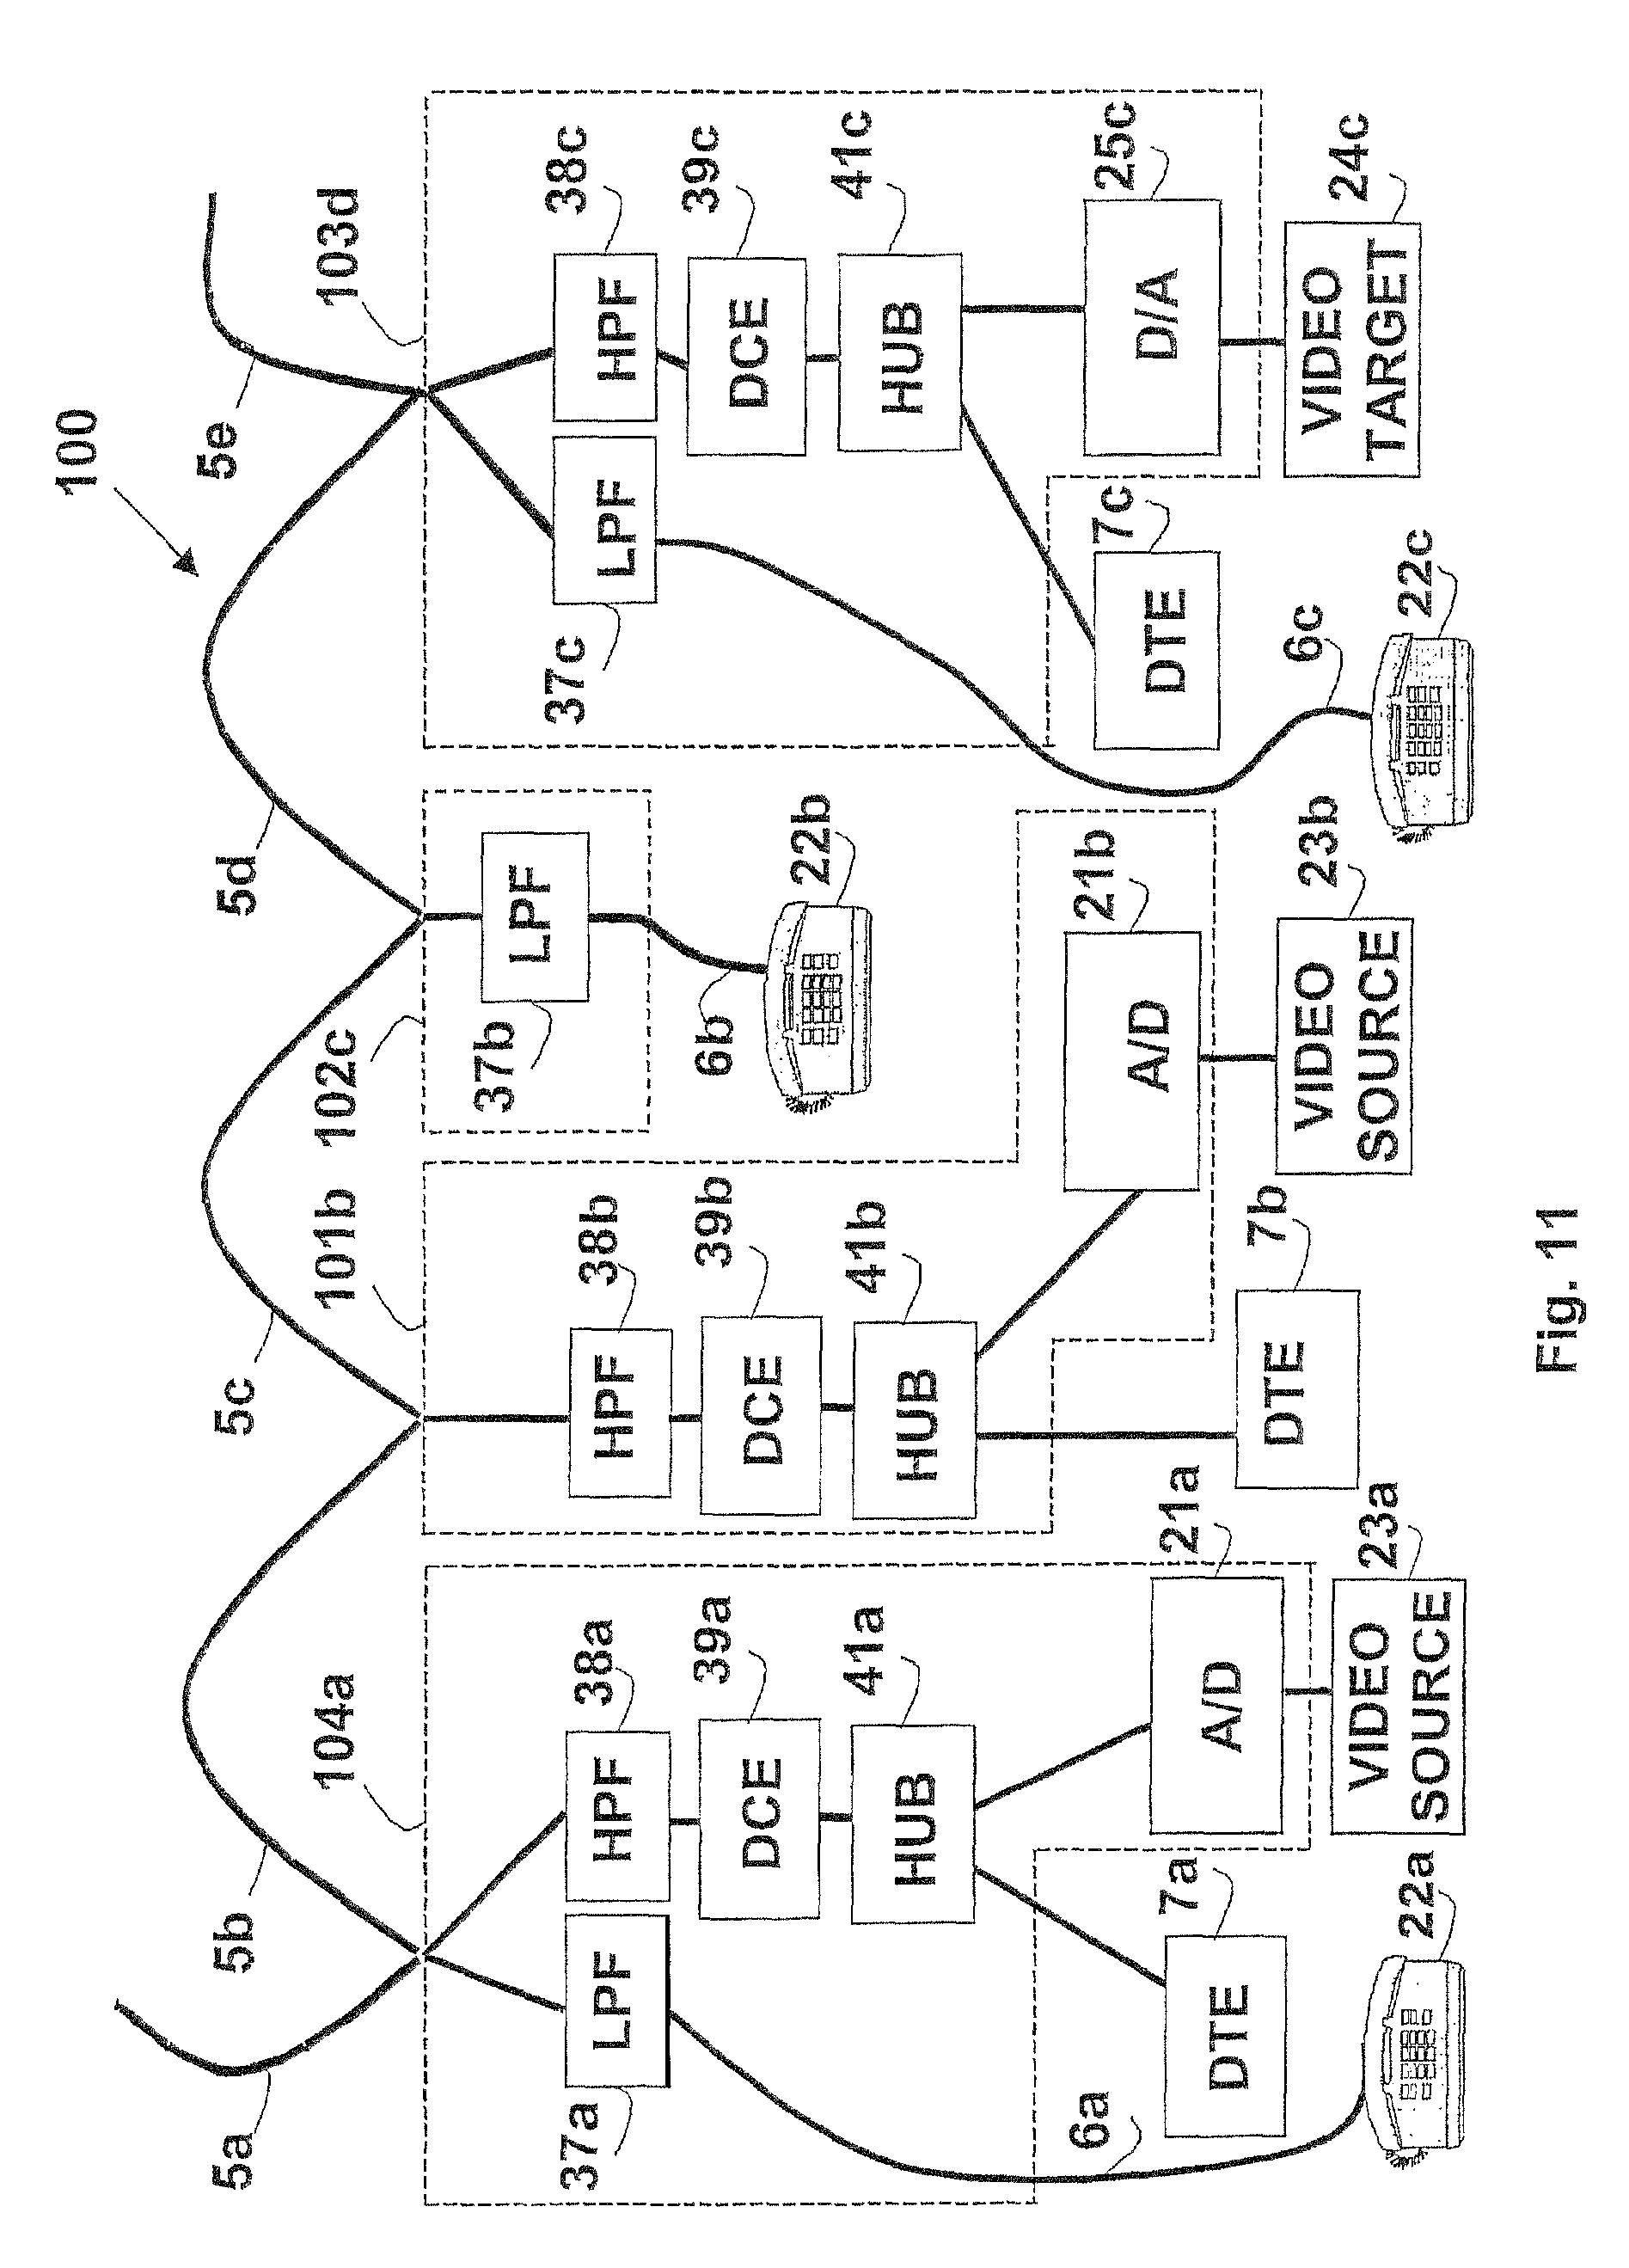 brevet us7873058